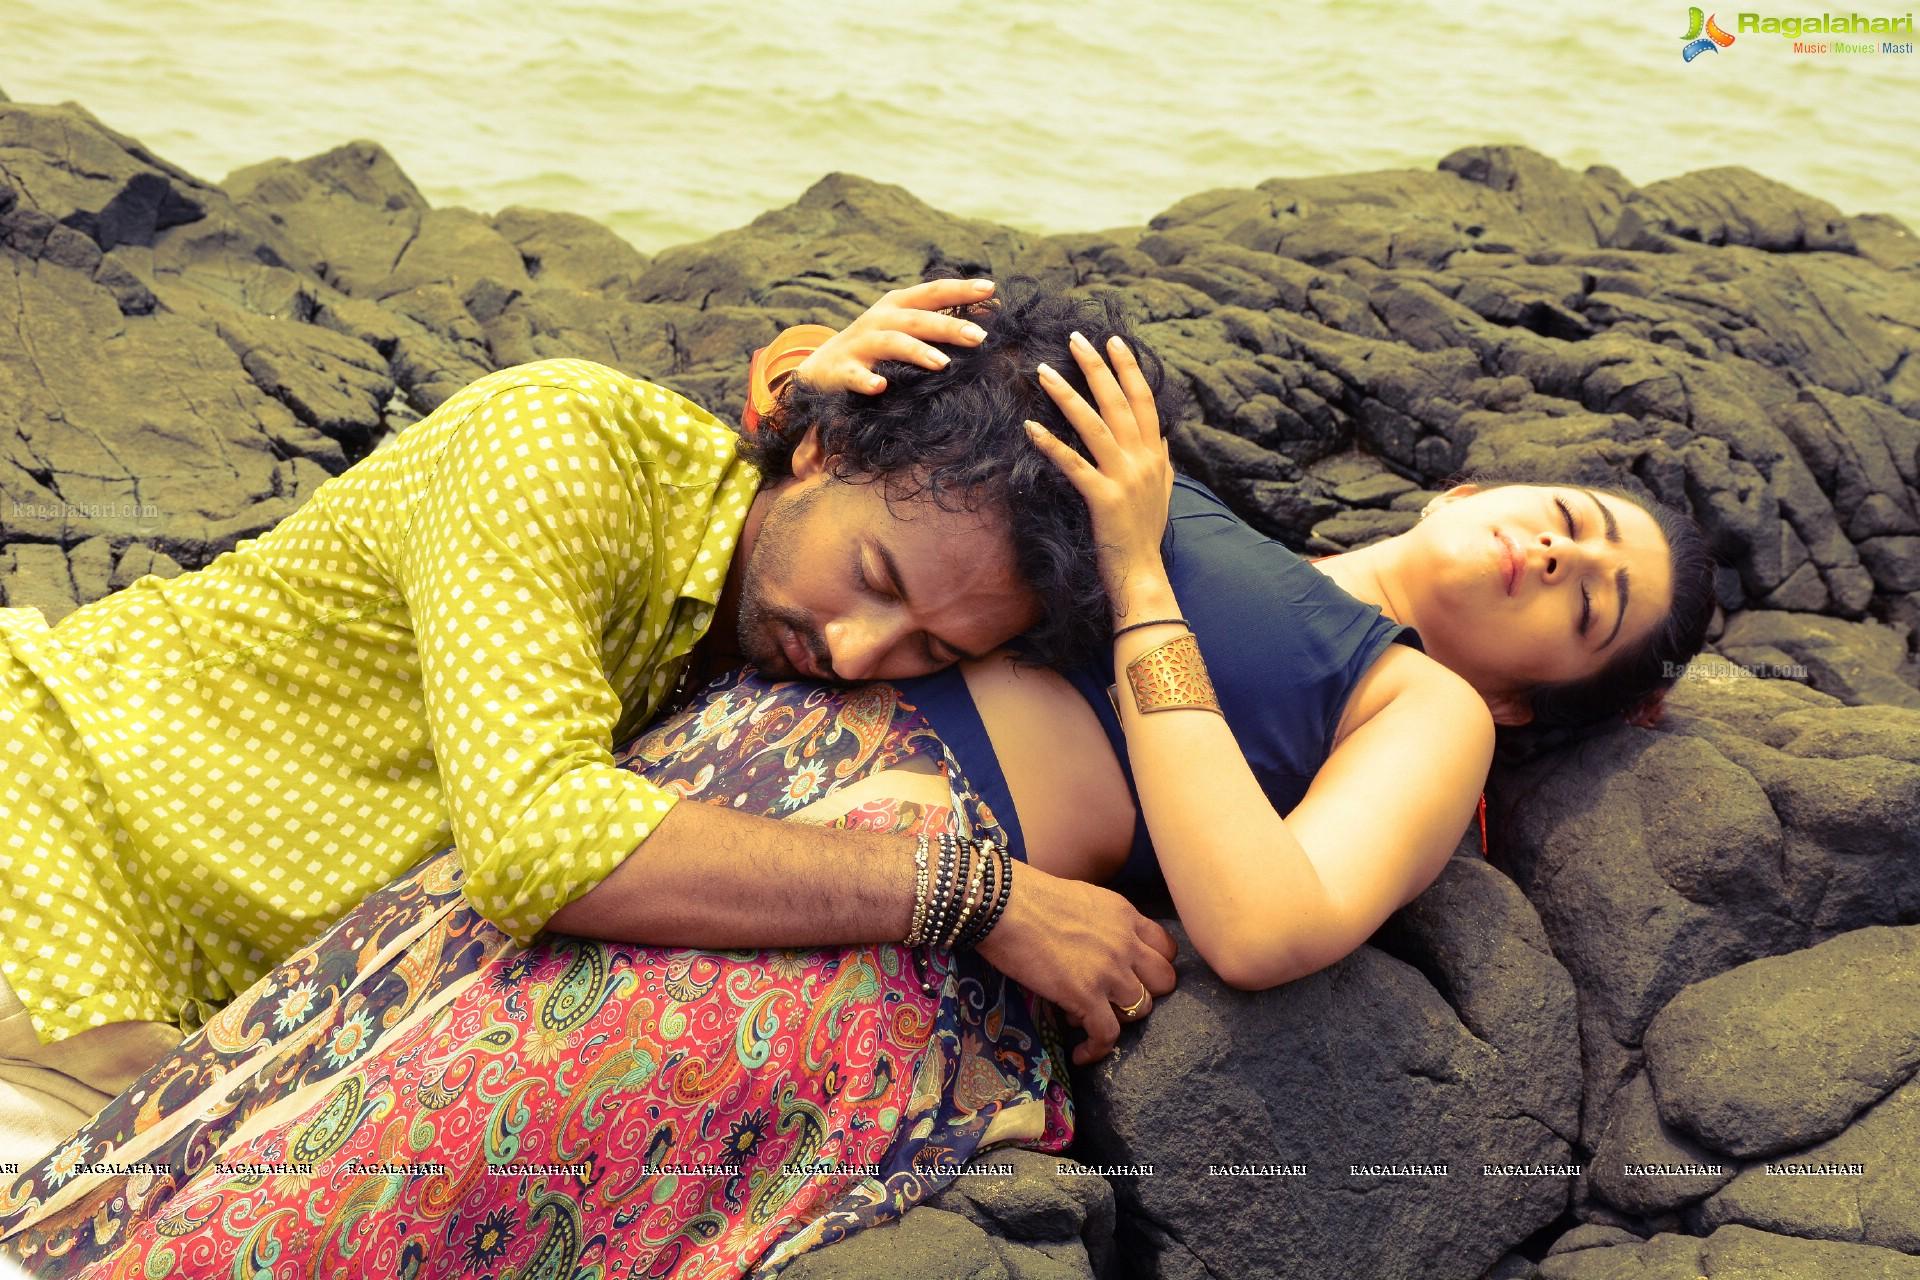 'Jyothi Lakshmi' coming on June 12th